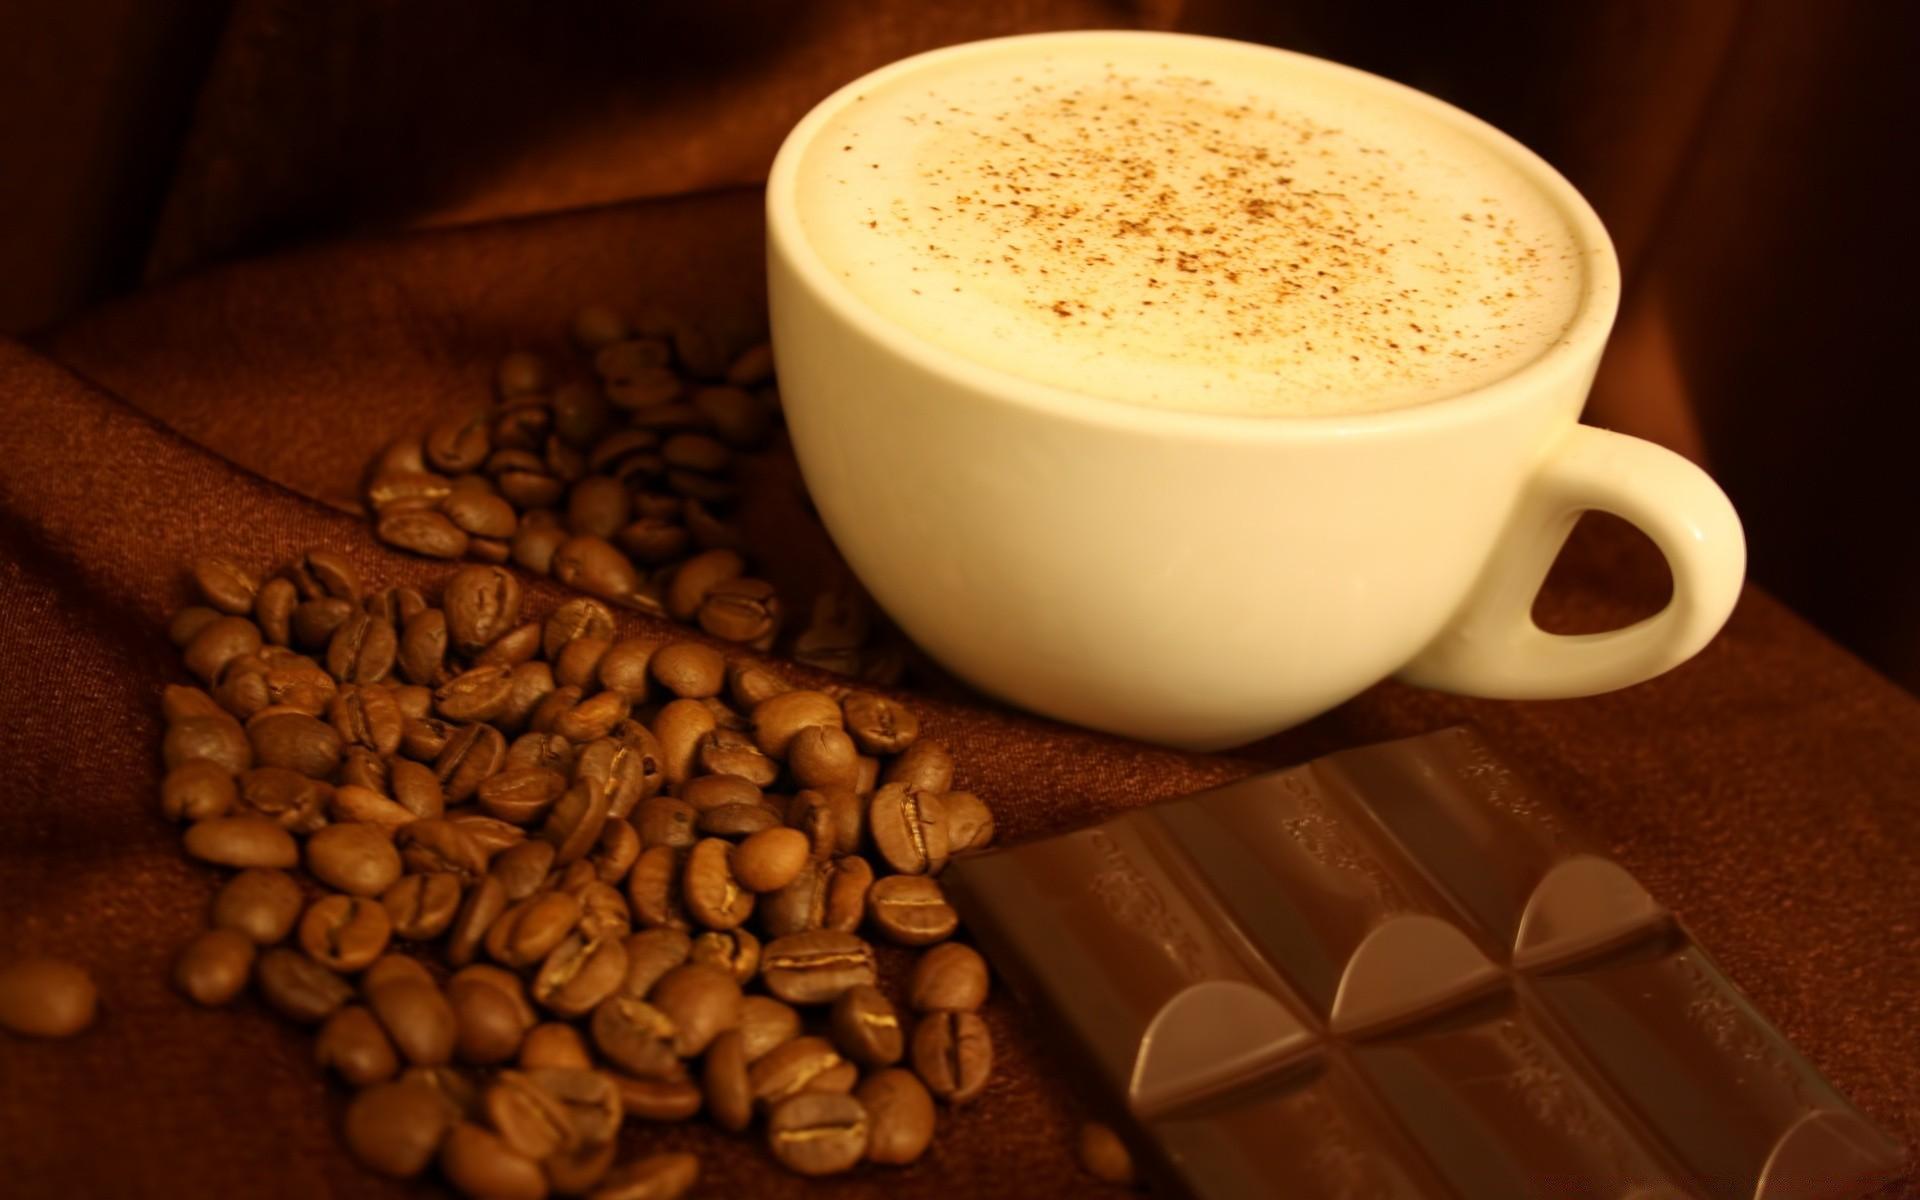 Картинки чашках, кофе и шоколад картинки